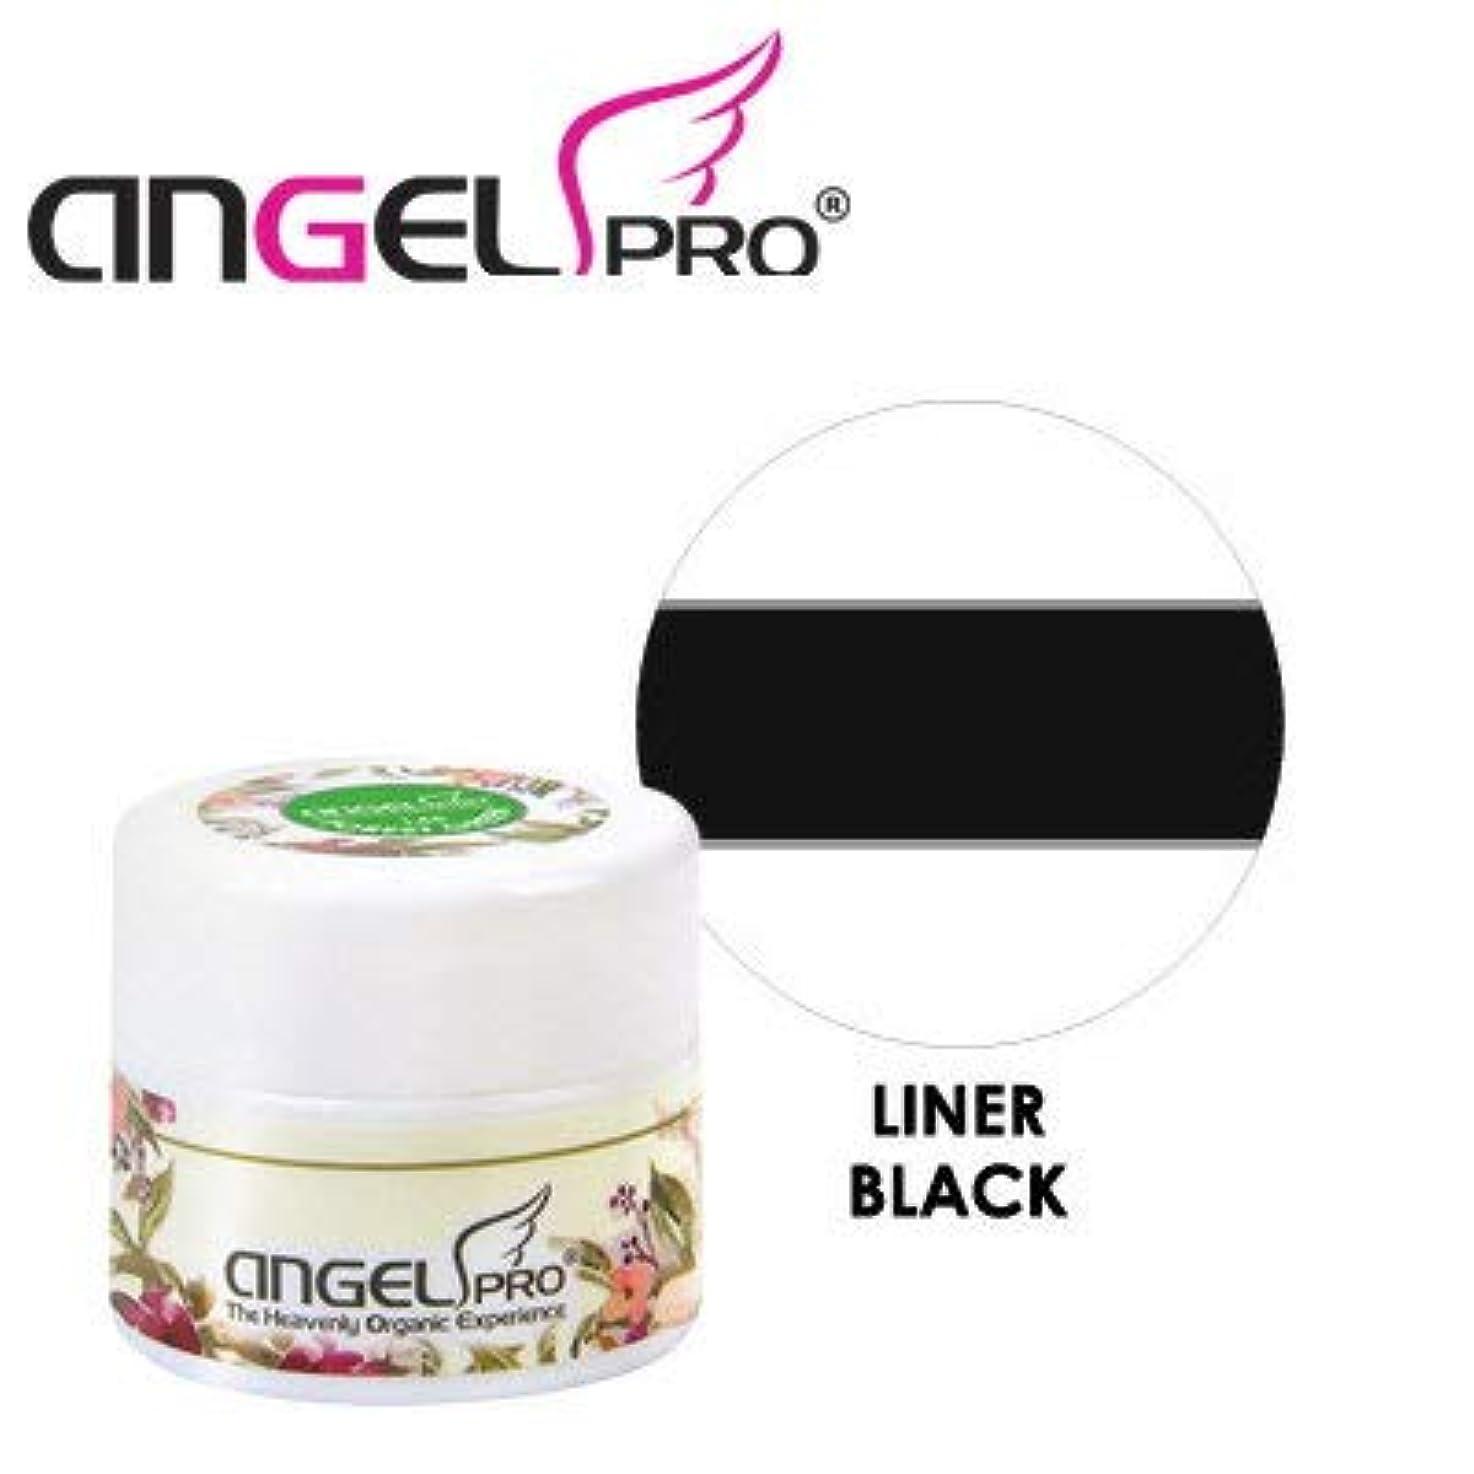 の配列反毒ラダANGEL PRO ポットジェリー LINER BLACK 4g